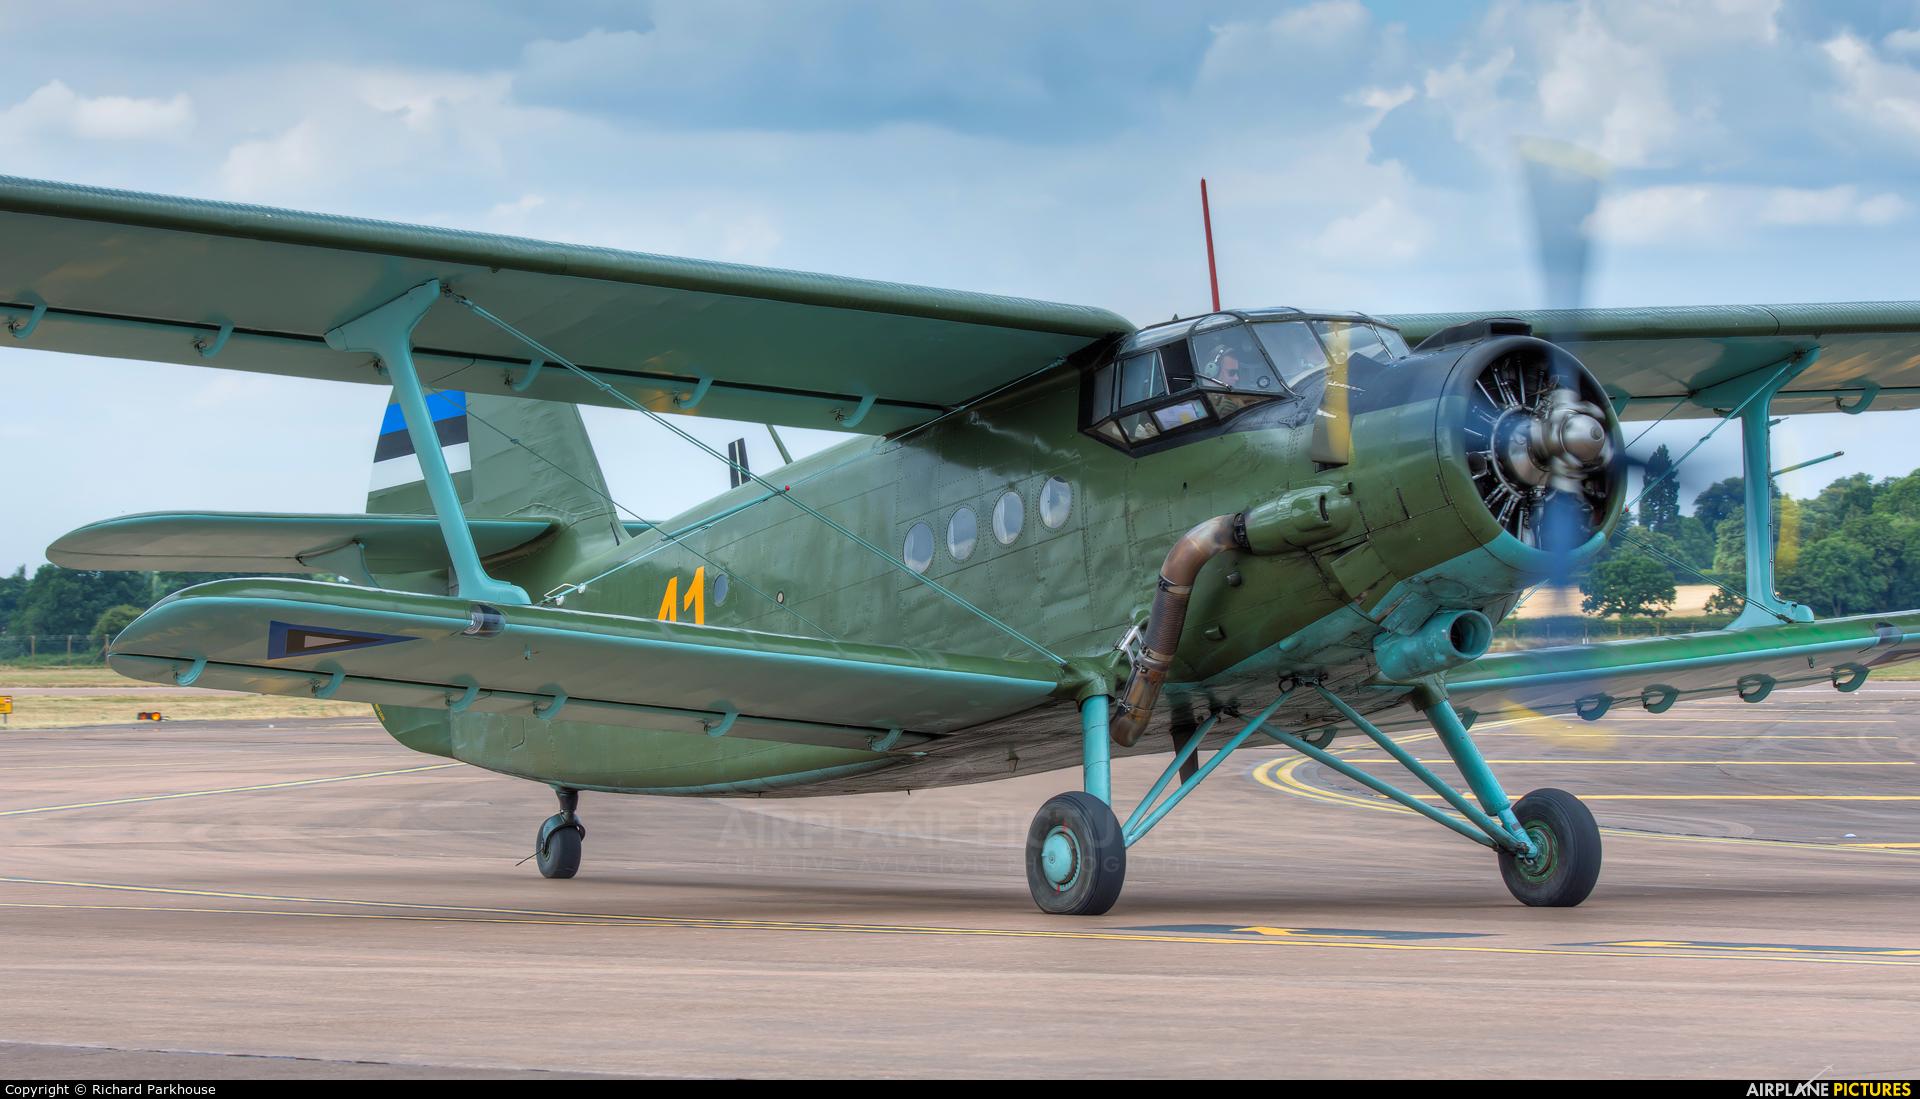 Estonia - Air Force 41 aircraft at Fairford